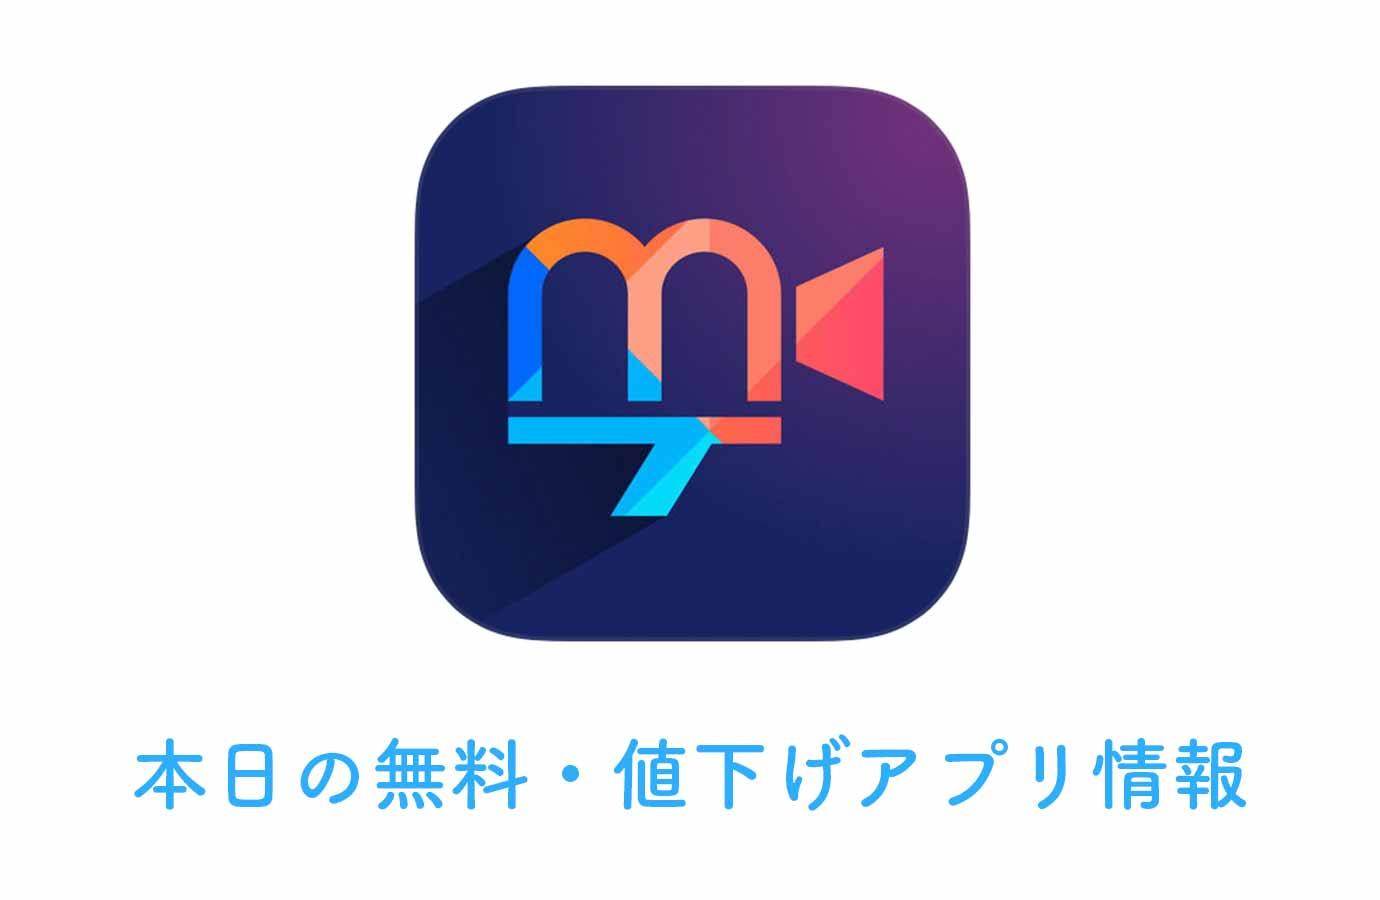 480円→無料!様々な撮影モードを搭載した高機能カメラアプリ「Musemage」など【3/22】本日の無料・値下げアプリ情報